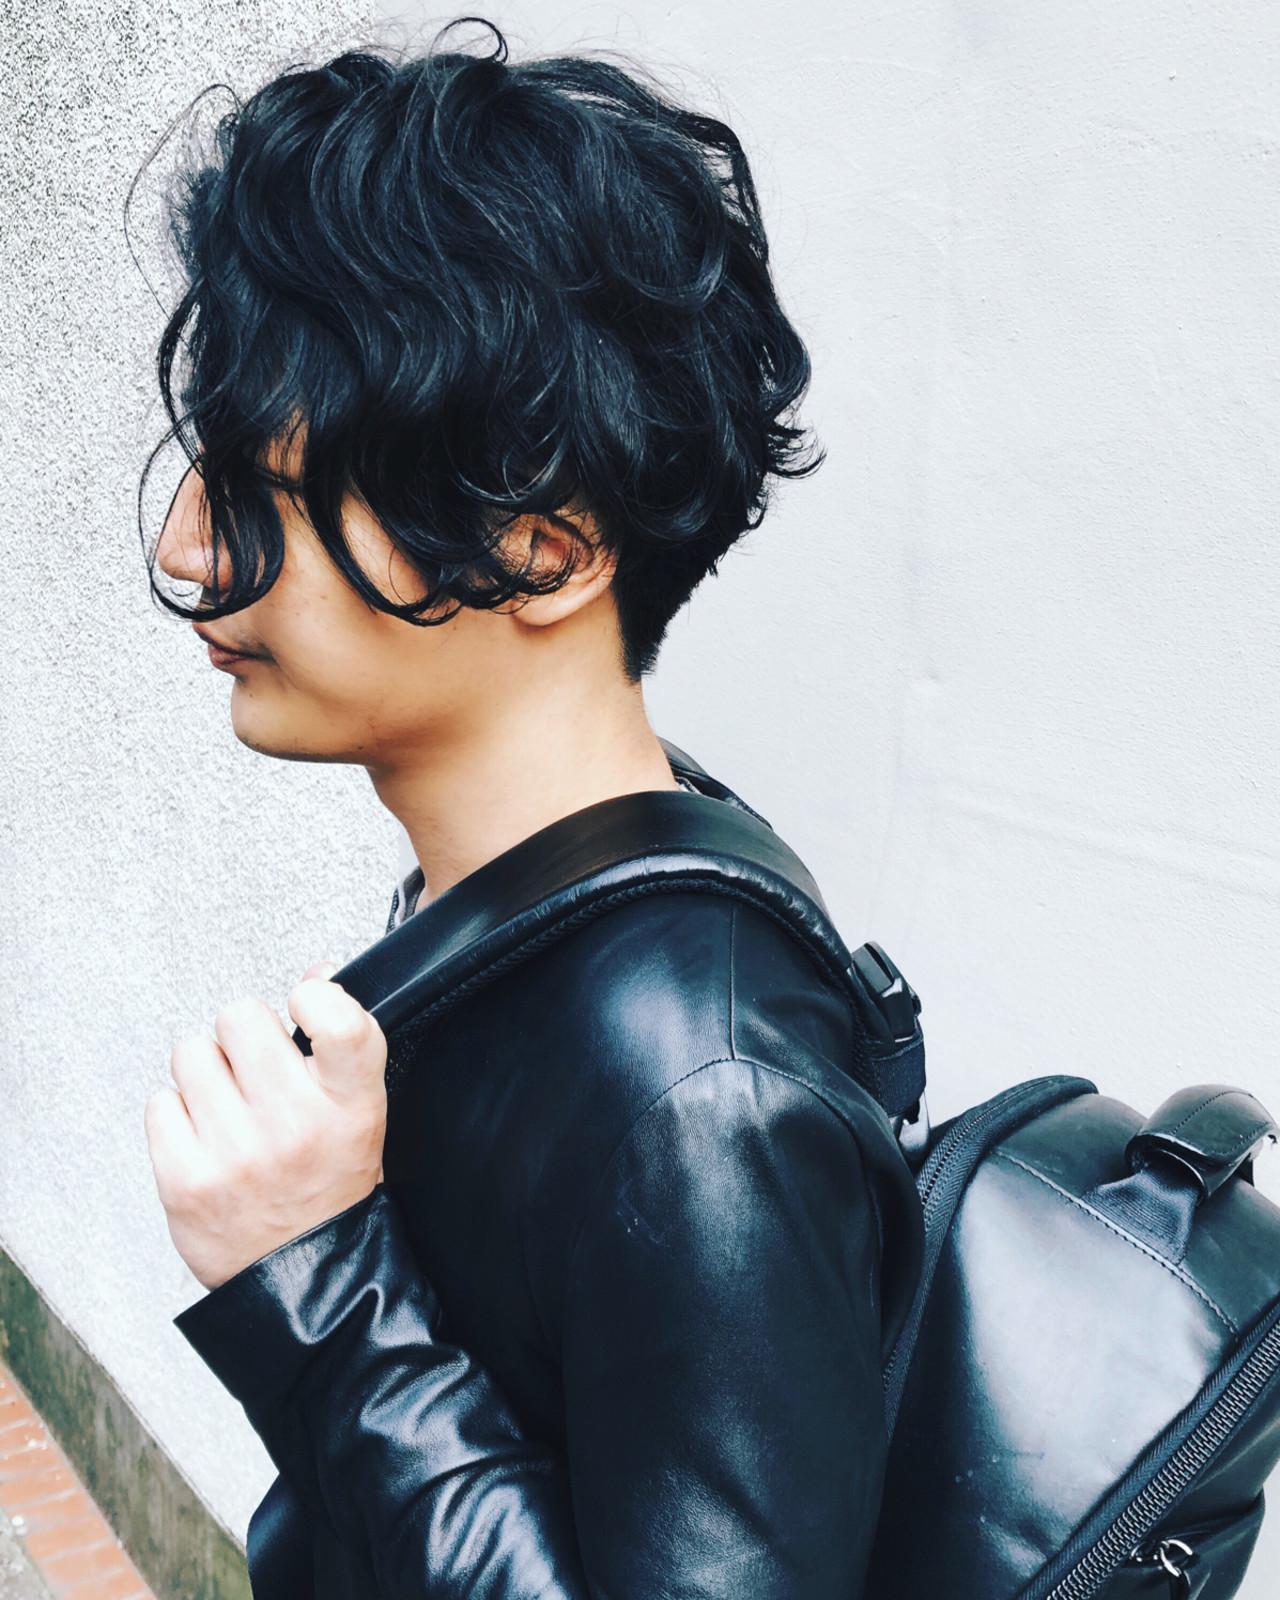 メンズパーマ メンズヘア メンズスタイル ミディアム ヘアスタイルや髪型の写真・画像 | 斉藤潤一 / ROCO  SPEARZ